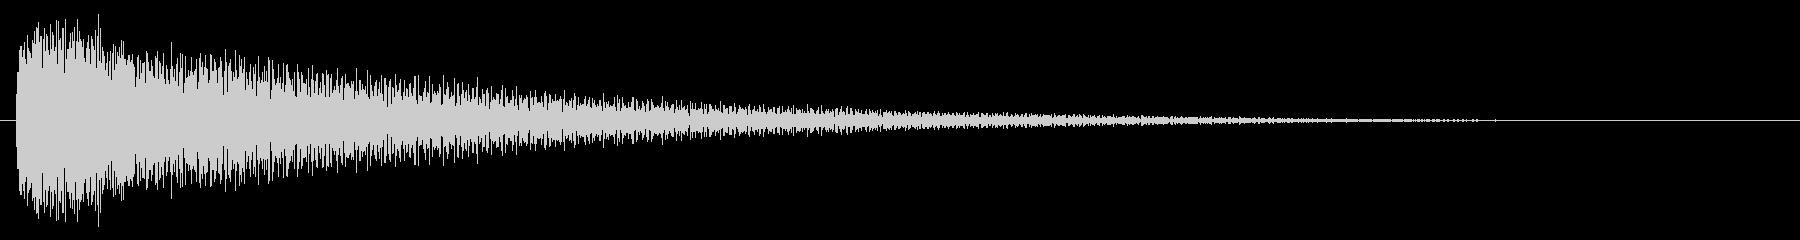 キラ~ン (魔法をかけたような決定音)の未再生の波形